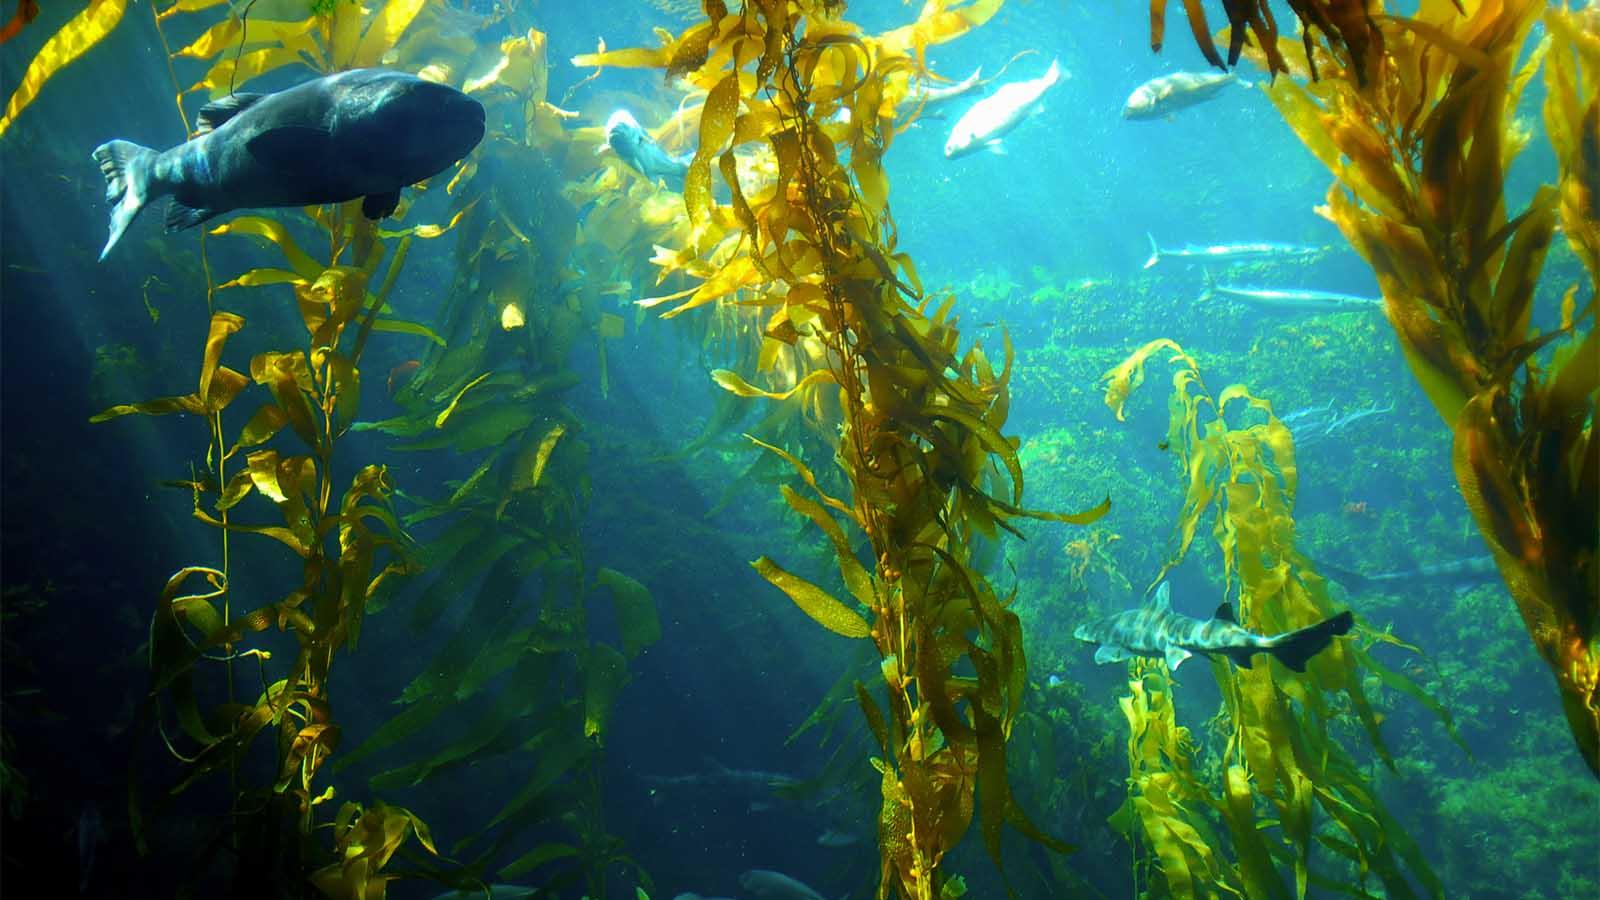 هل يمكن أن يكون عشب البحر العملاق المصدر التالي للوقود الحيوي؟ - استخلاص الوقود الحيوي من الأعشاب البحرية - مصادر جديدة للوقود